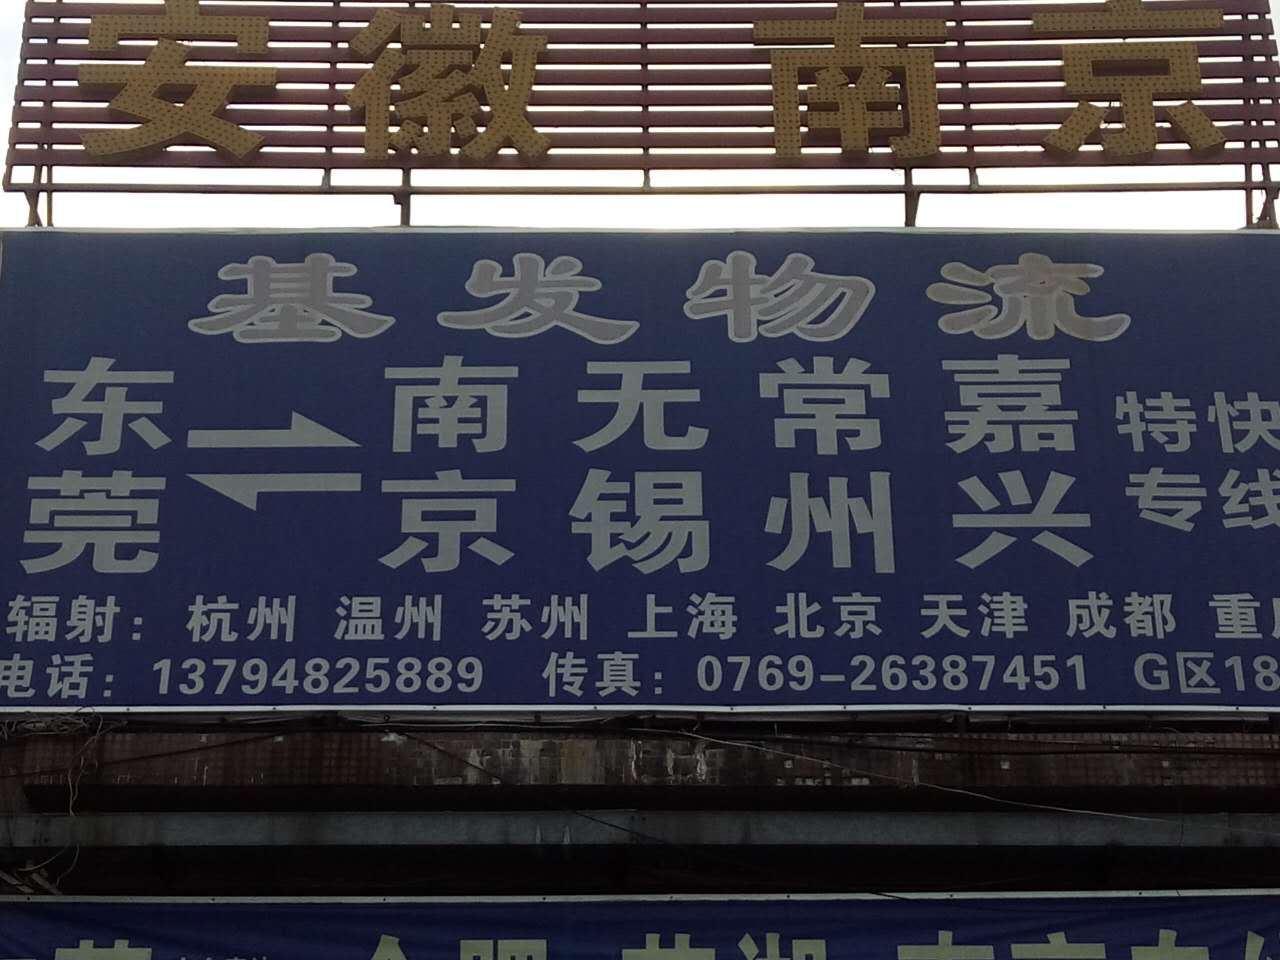 东莞到丽水物流专线(东莞市基发物流有限公司)